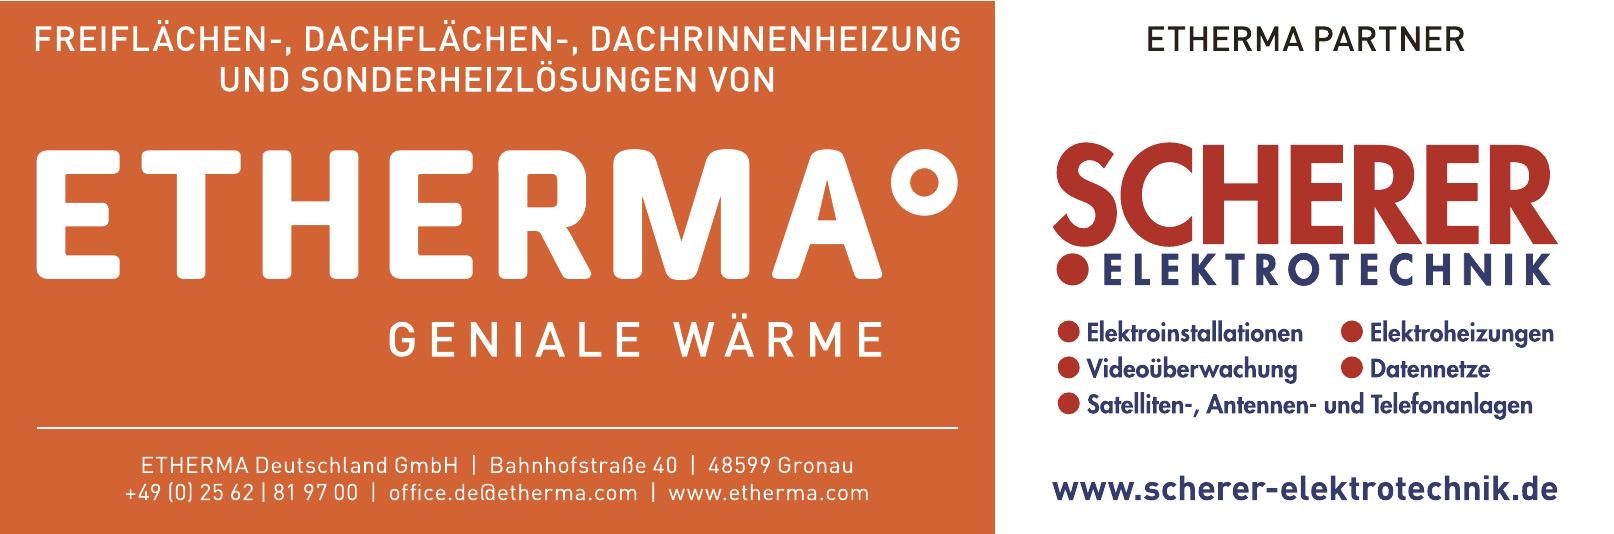 Scherer Elektrotechnik - Etherma Partner